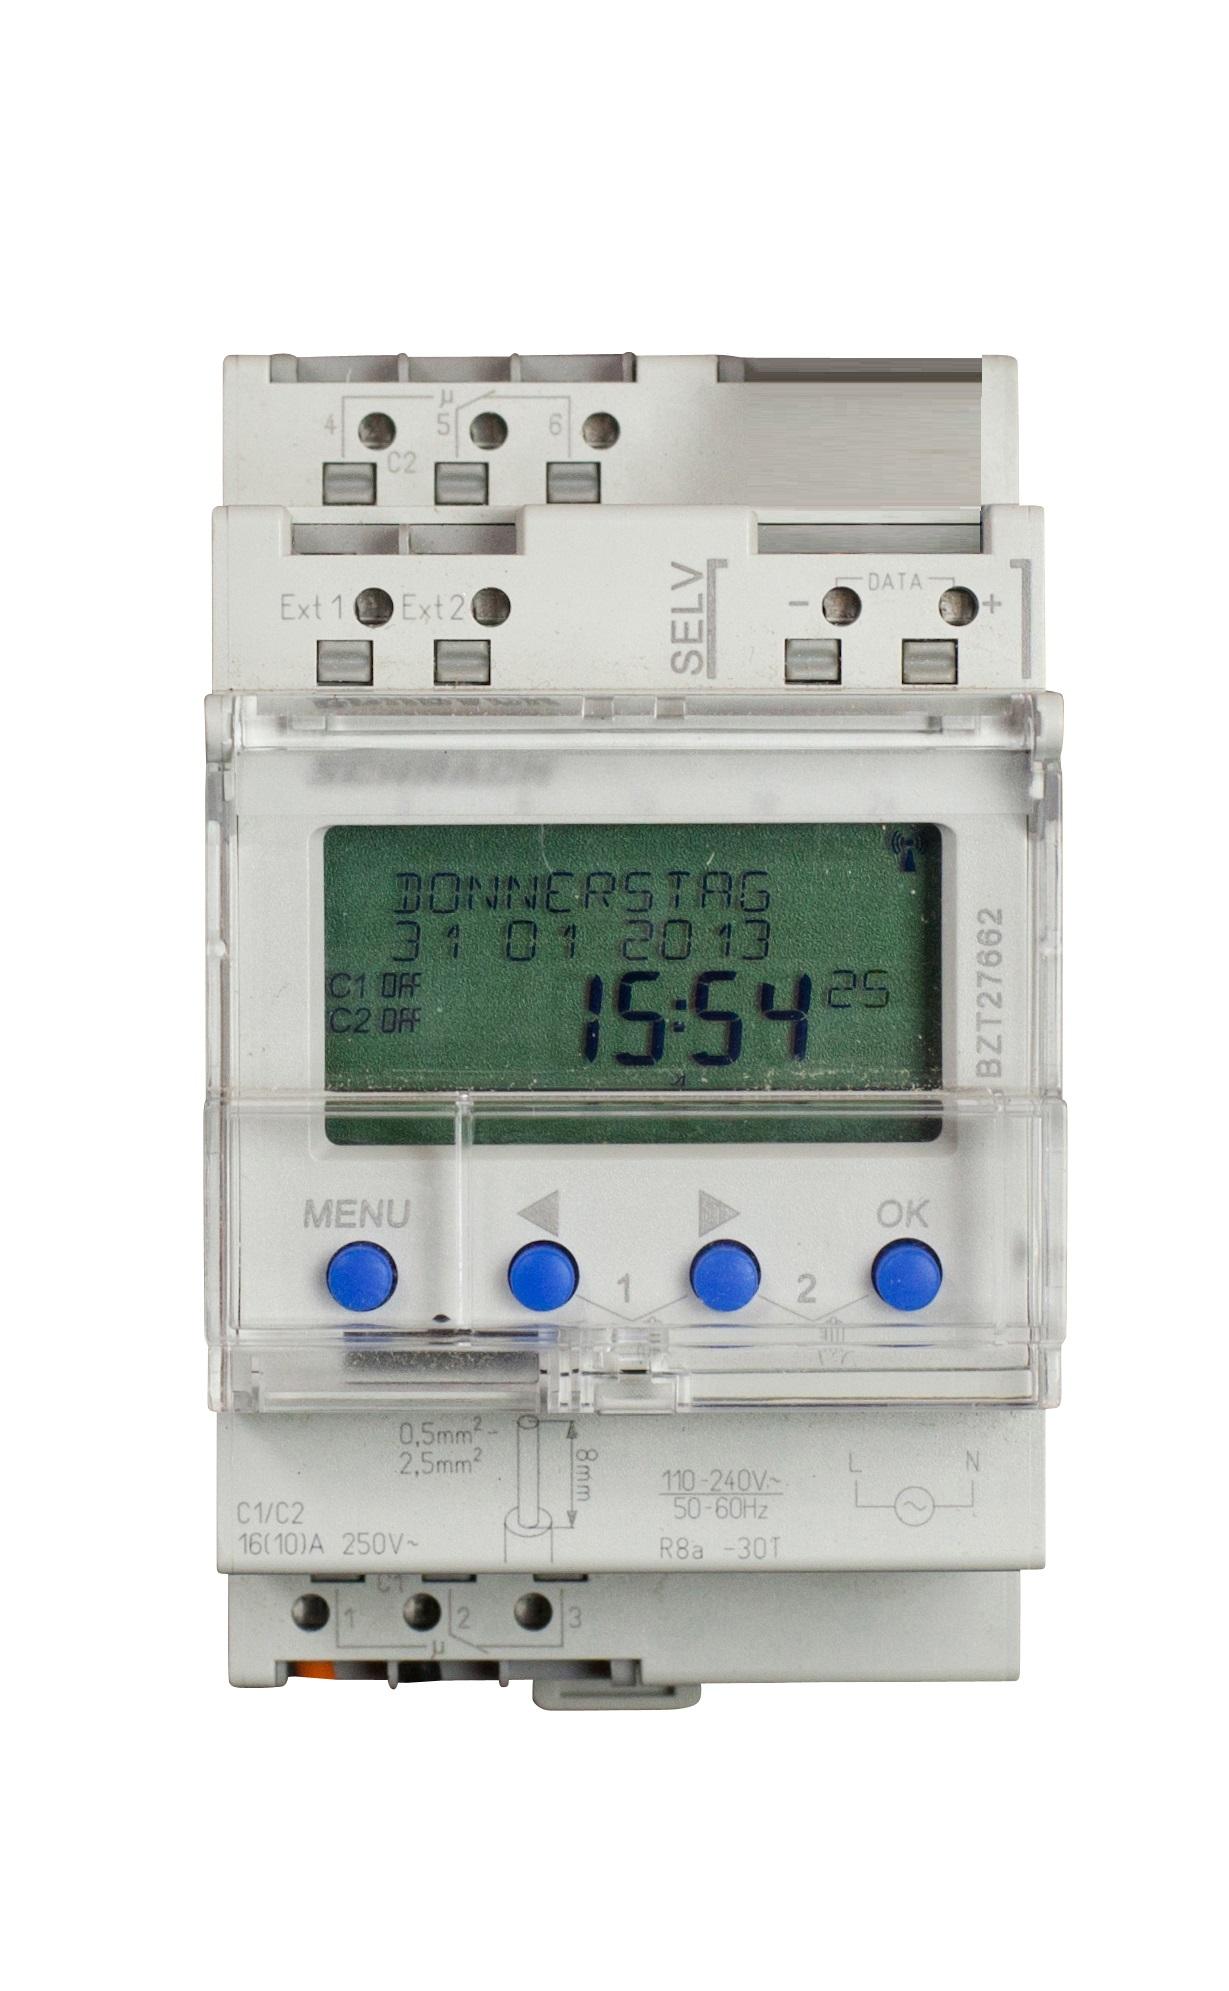 Ceasuri programabile, comutatoare crepusculare11302